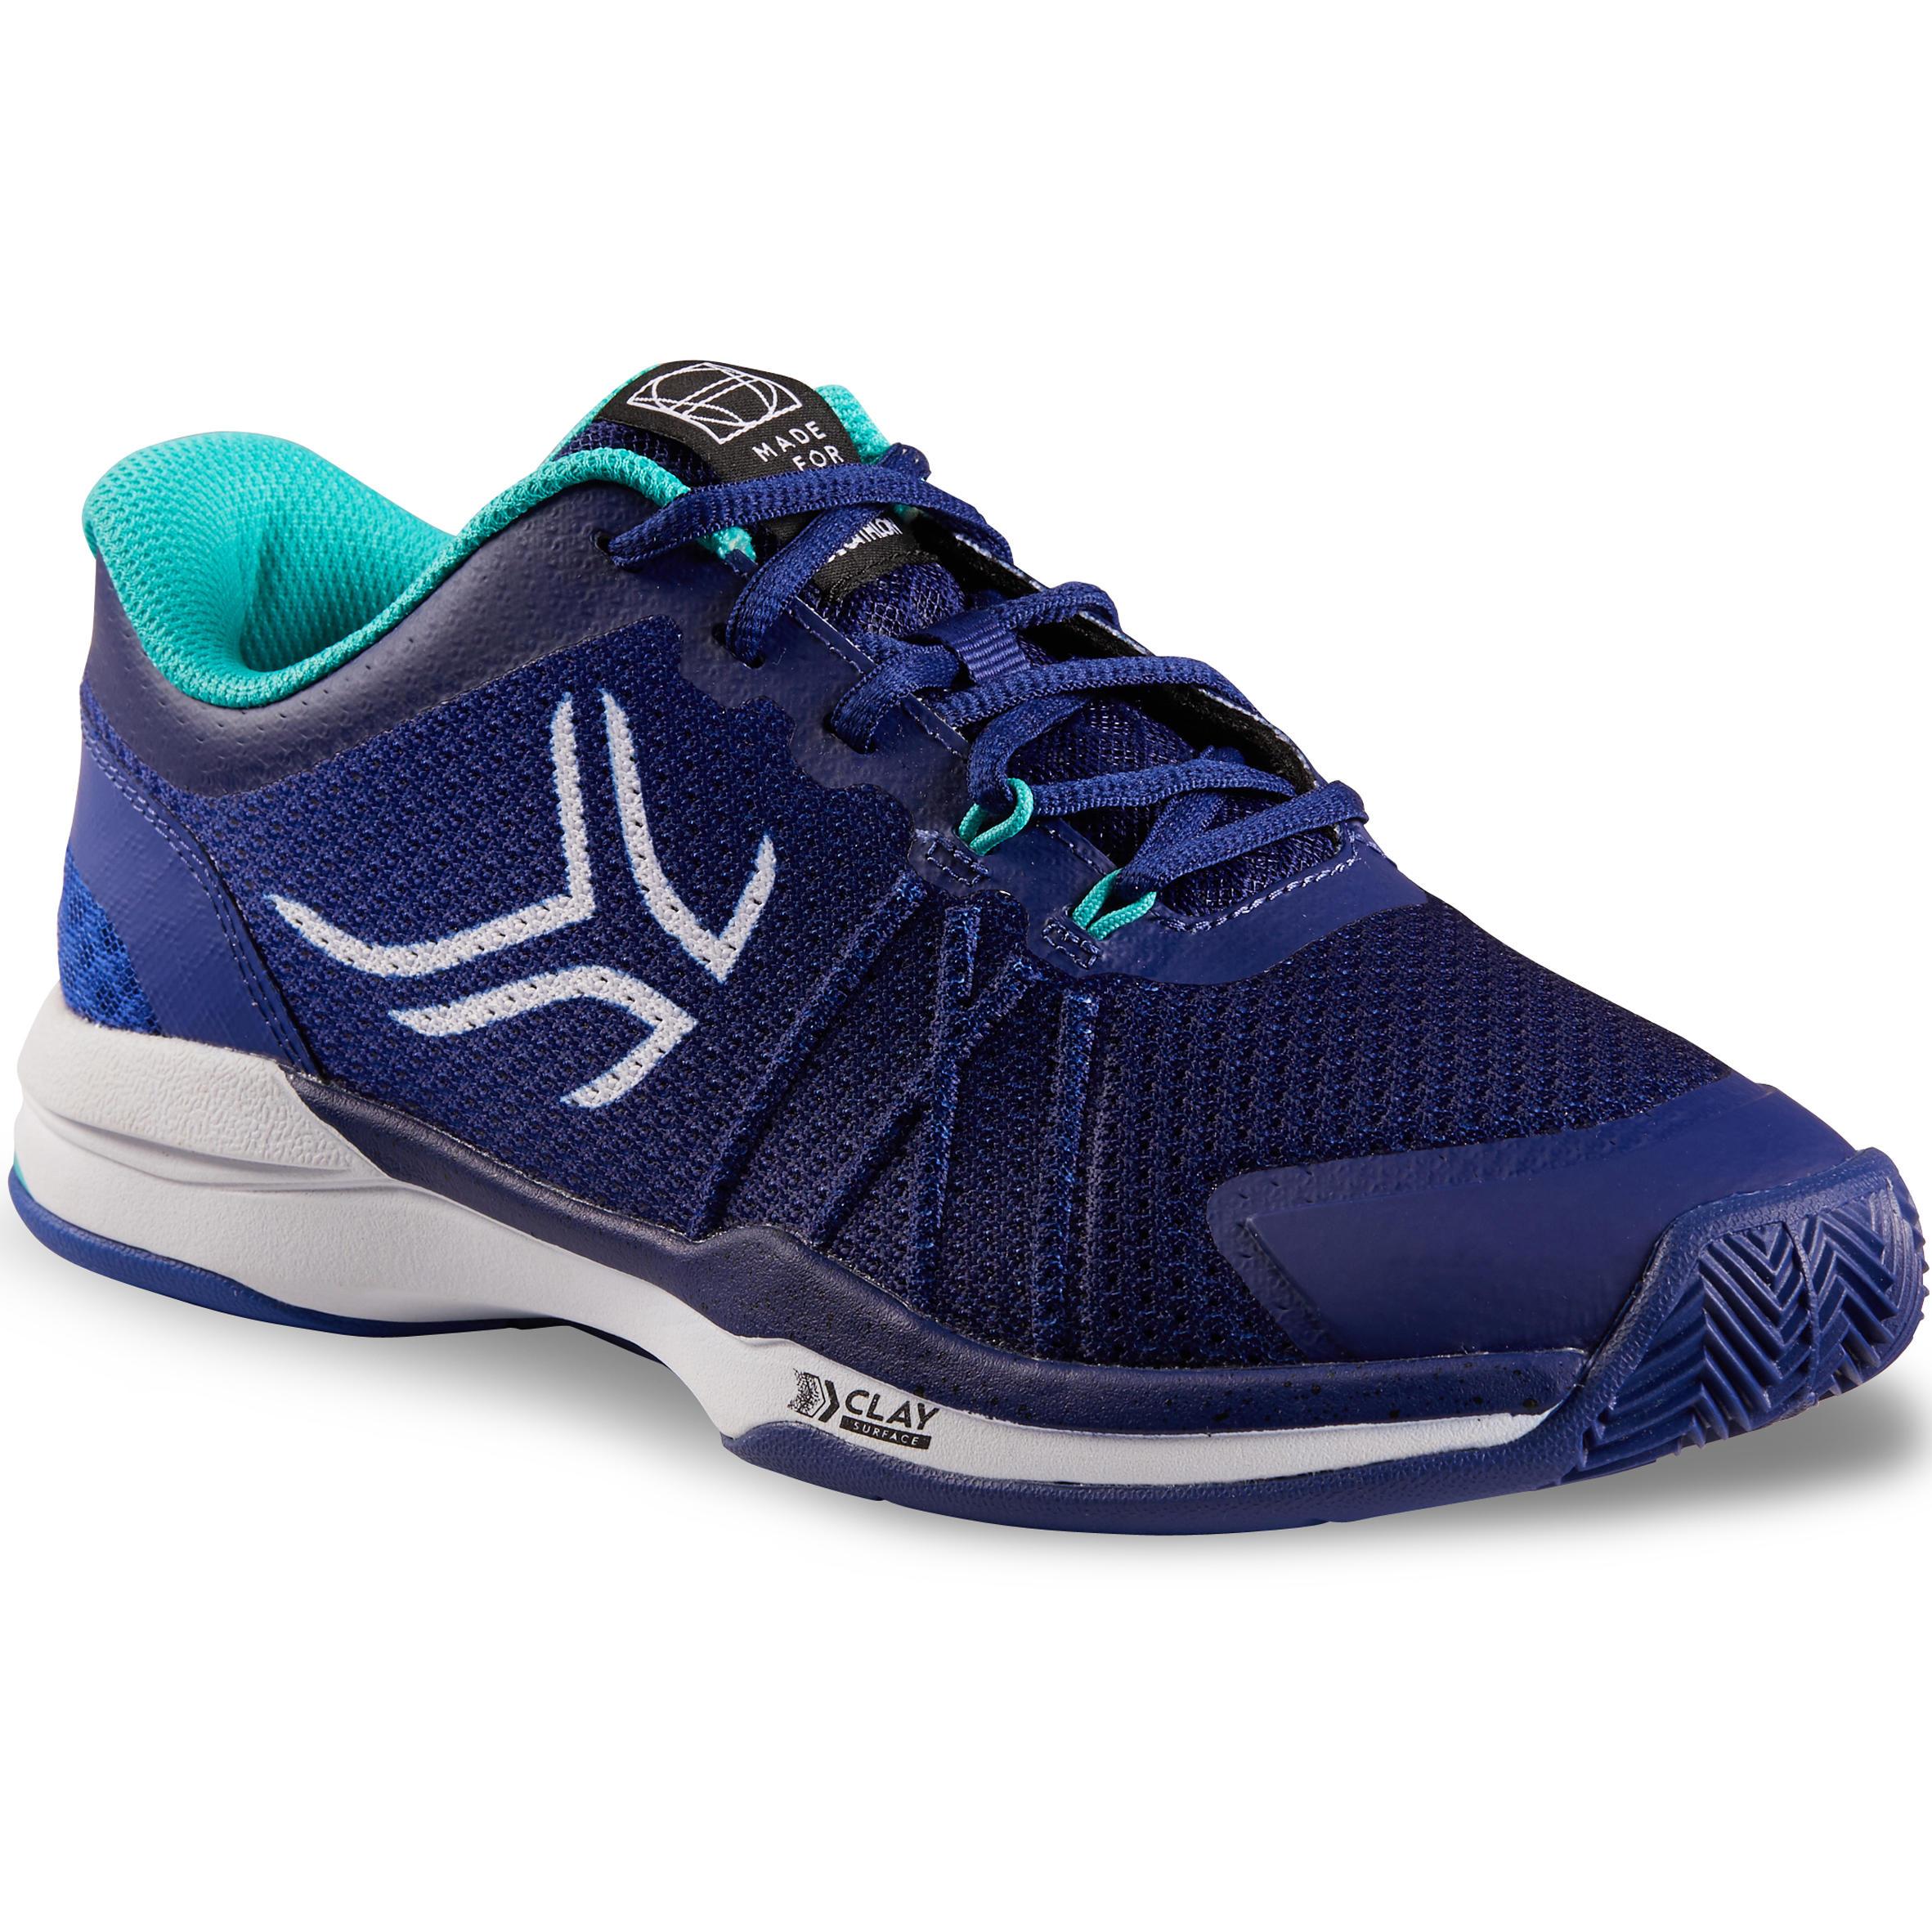 Tennisschuhe TS590 Sandplatz Damen blau | Schuhe > Sportschuhe > Tennisschuhe | Artengo